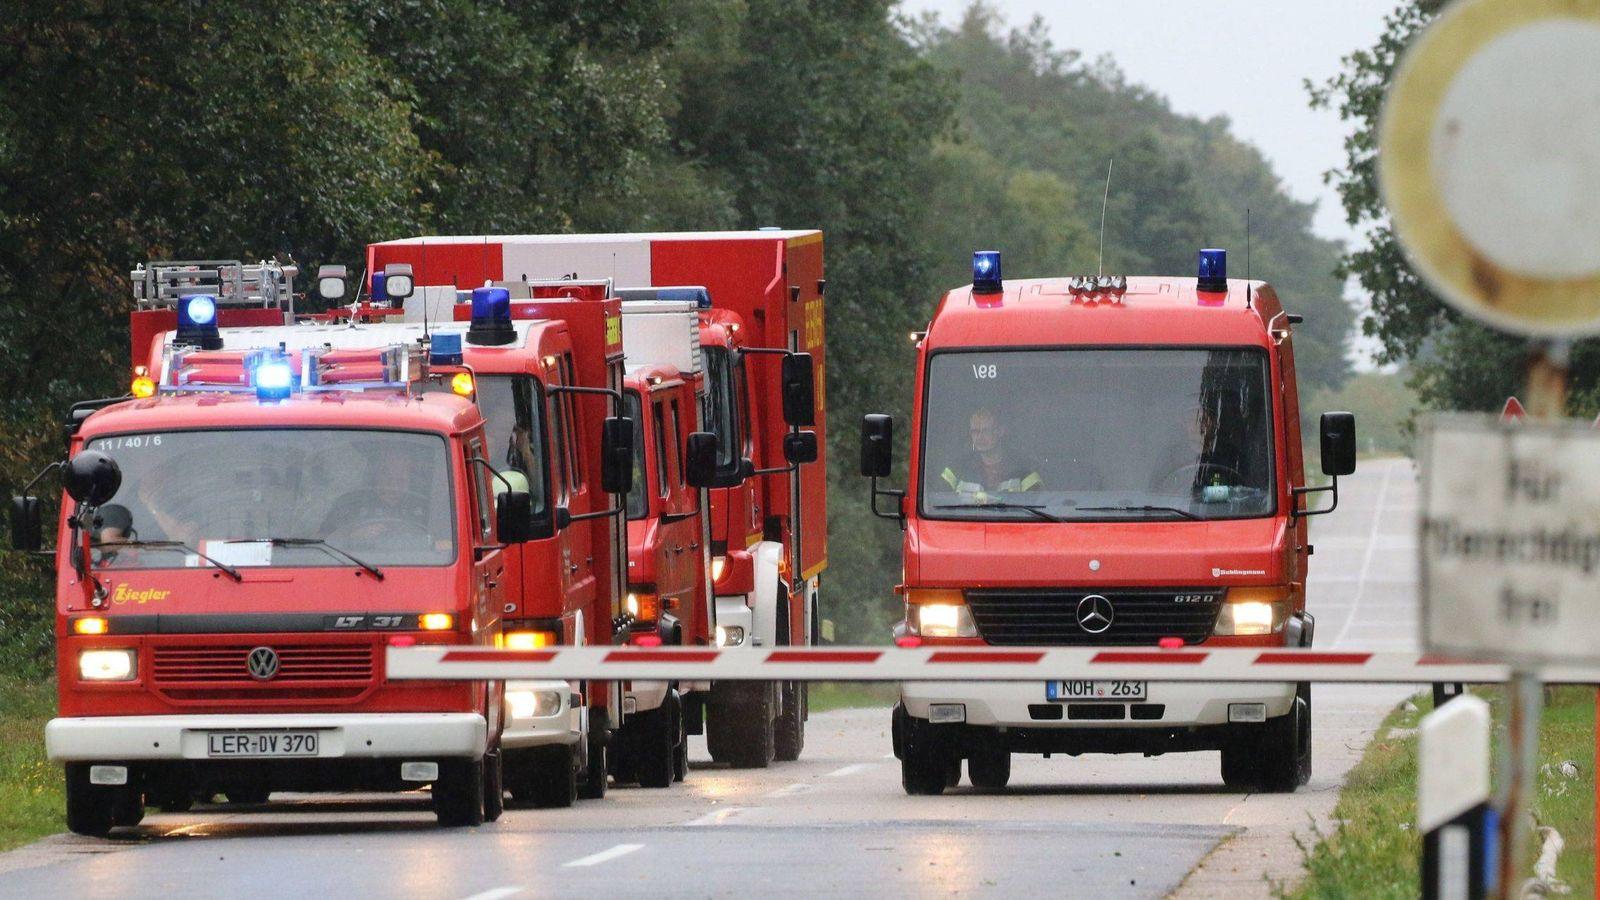 Foto: Varios camiones de bomberos circulan por la carretera - Archivo. (EFE)